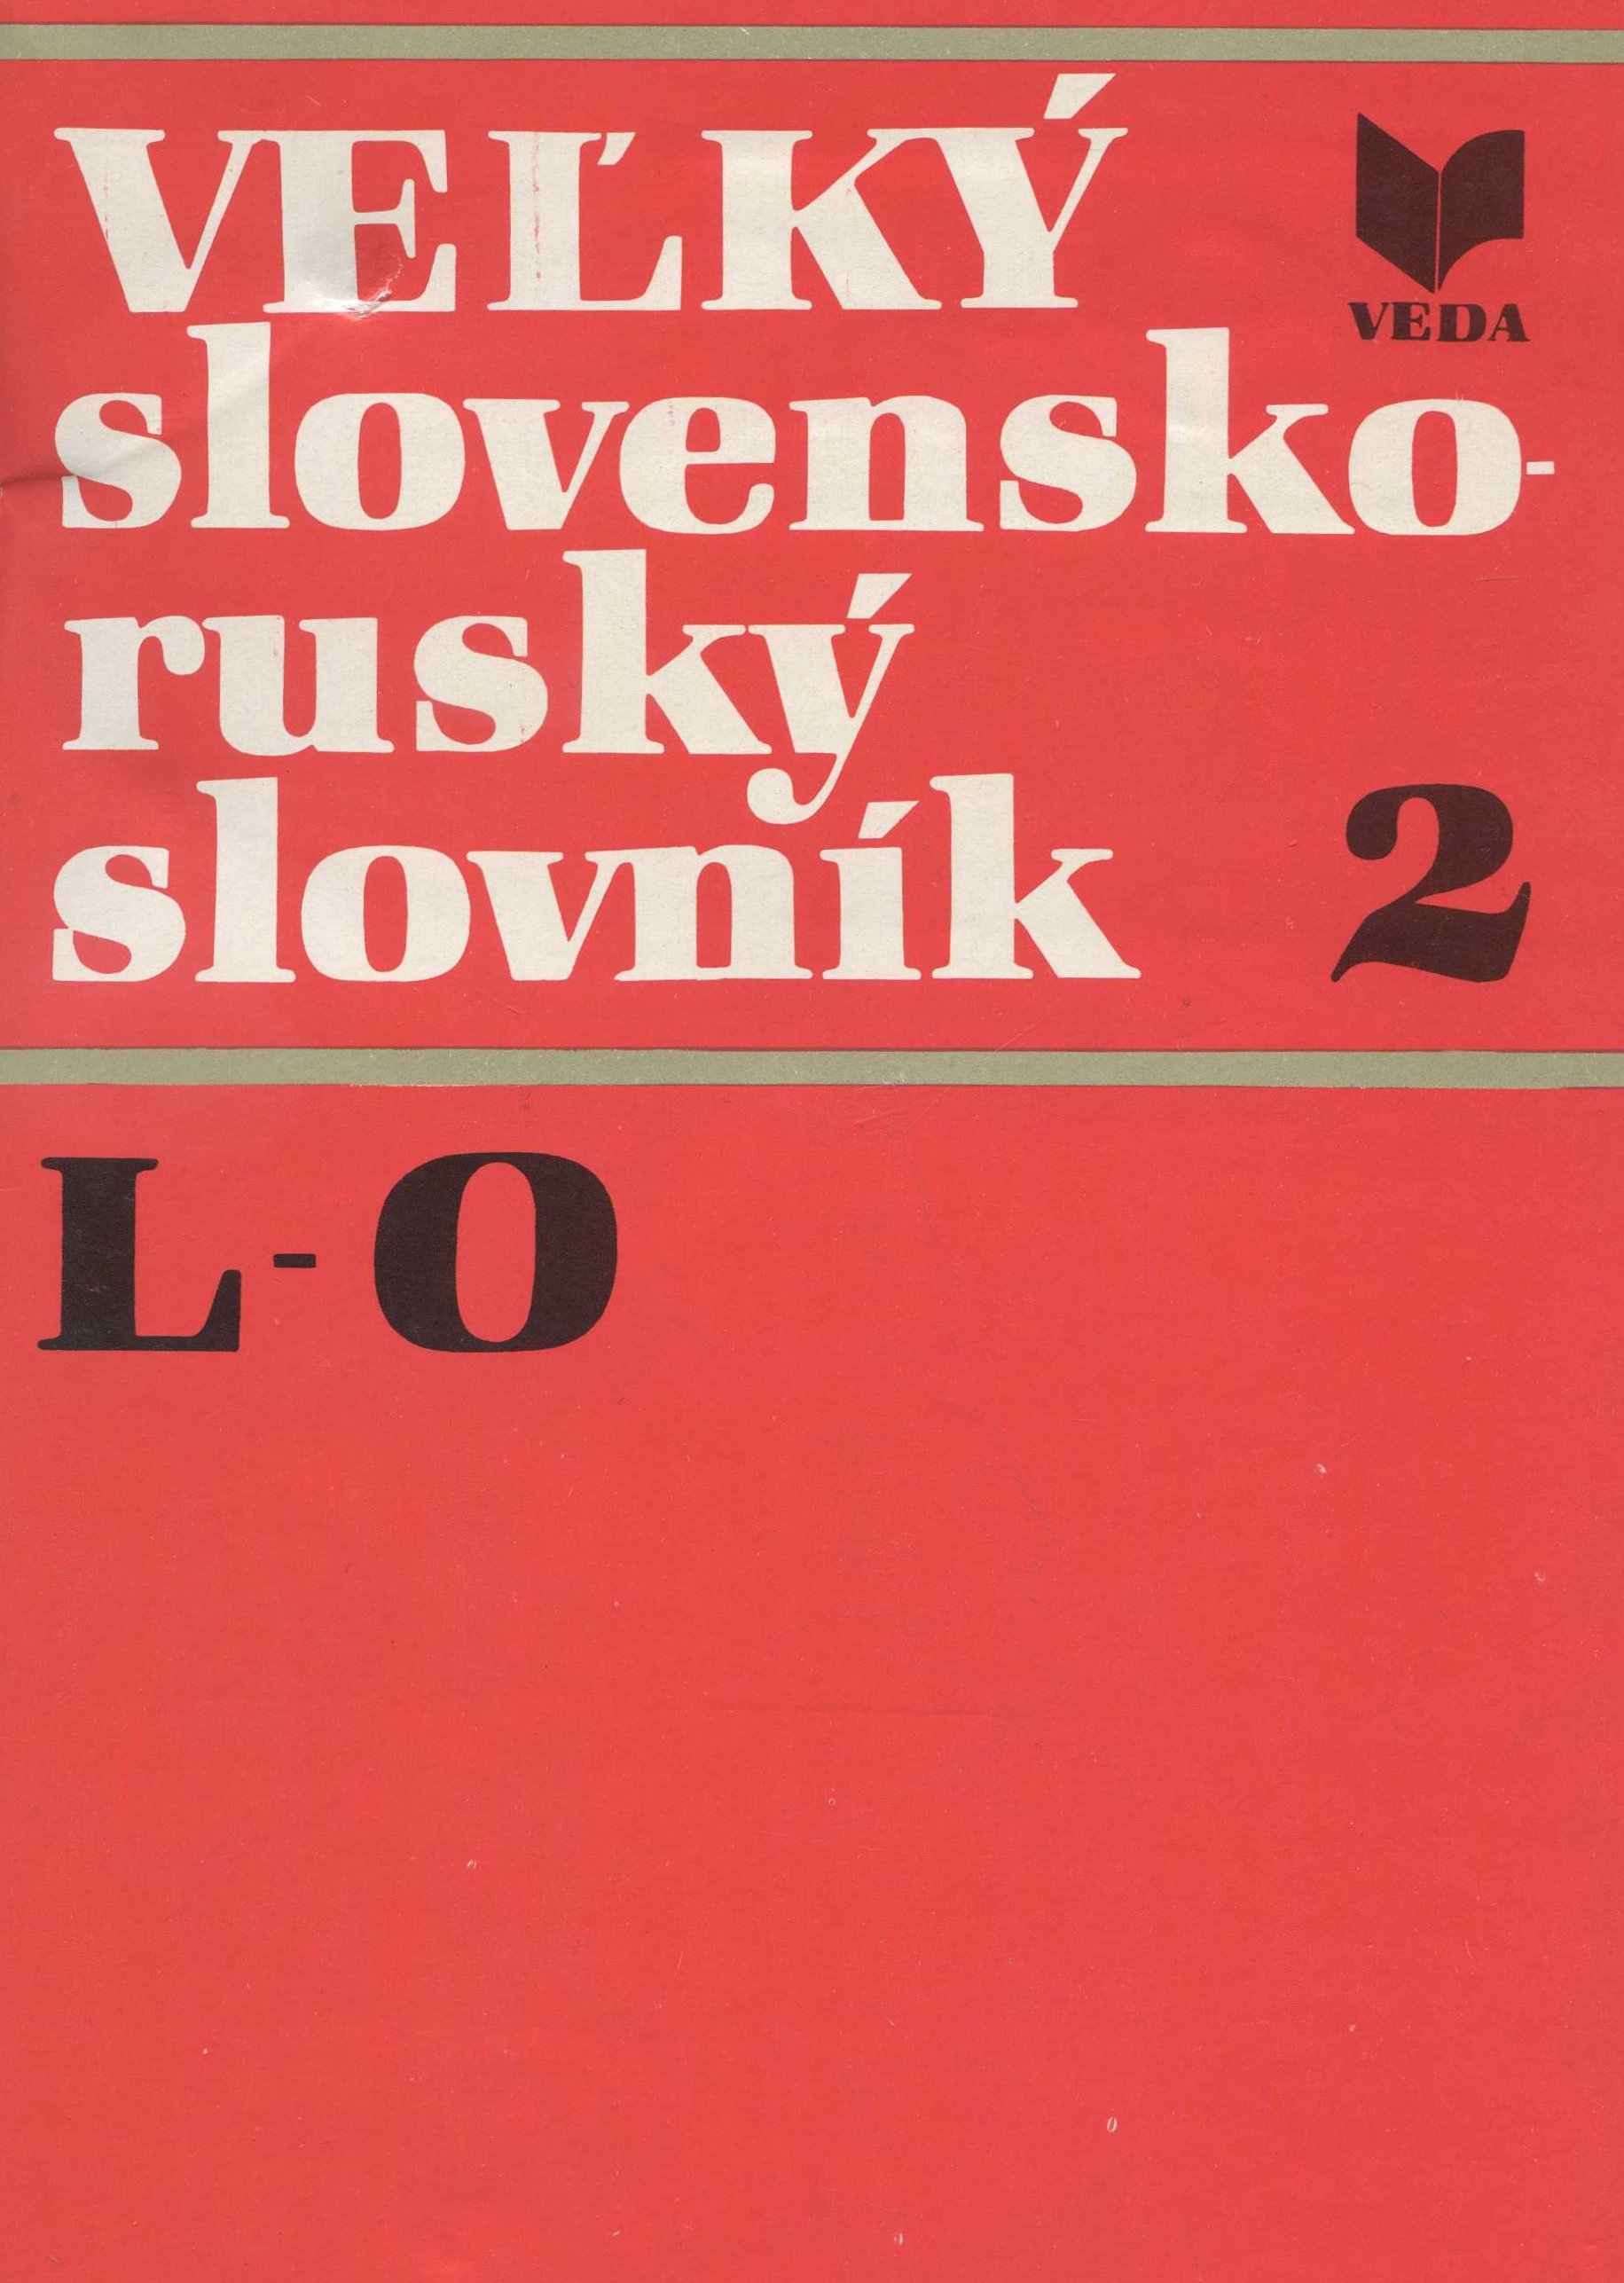 Veľký slovensko-ruský slovník 2 - L-O